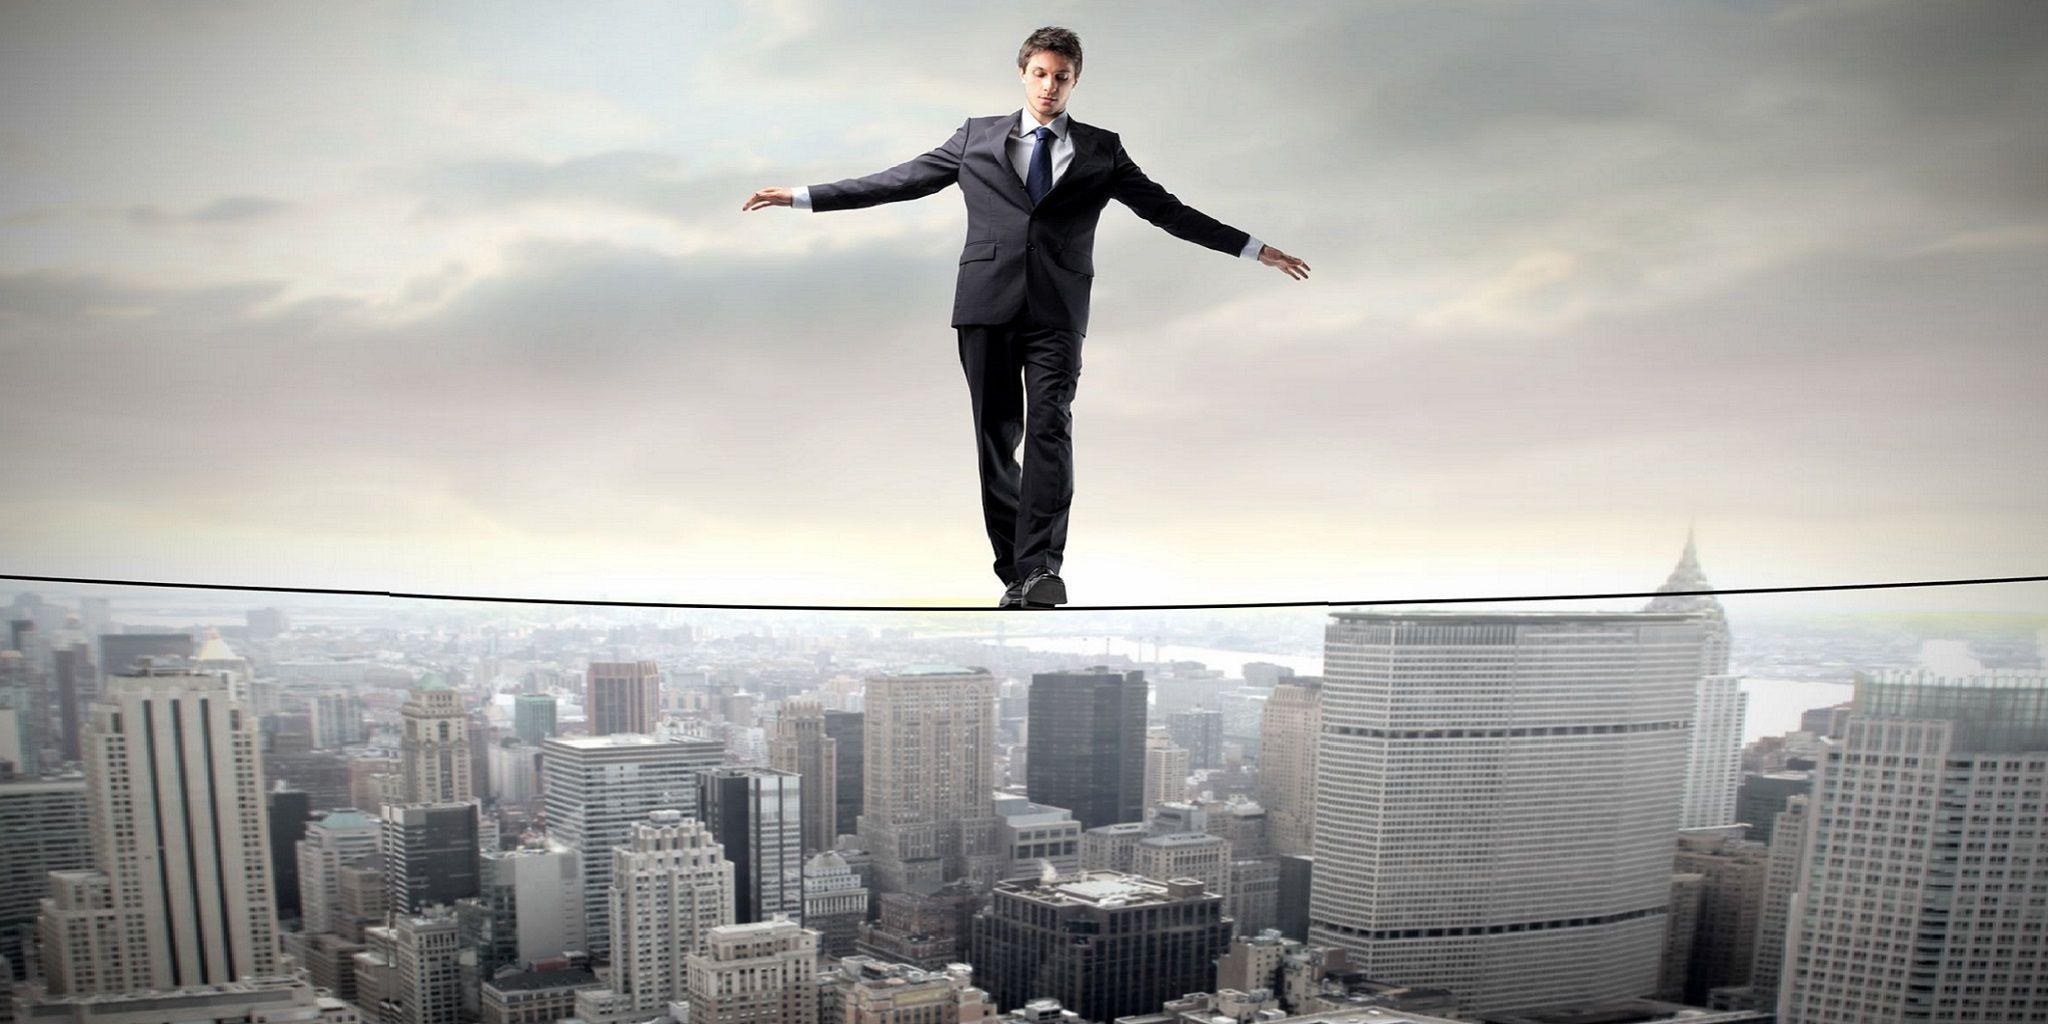 Businessperson keeping their balance